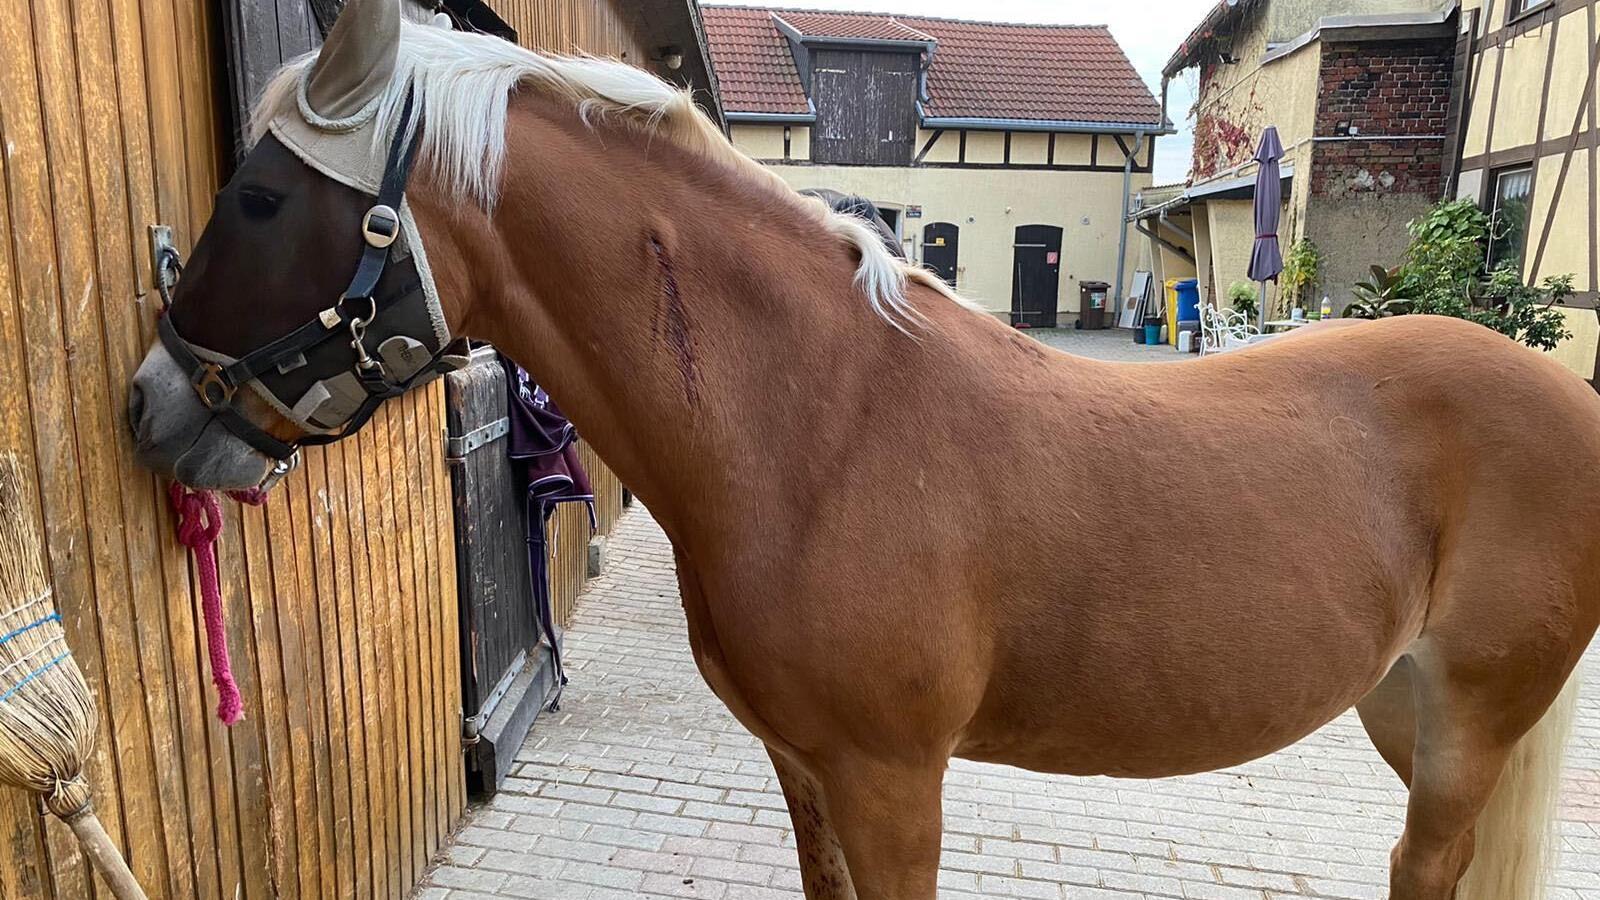 Tierhasser verletzten Pferde bei Jena.